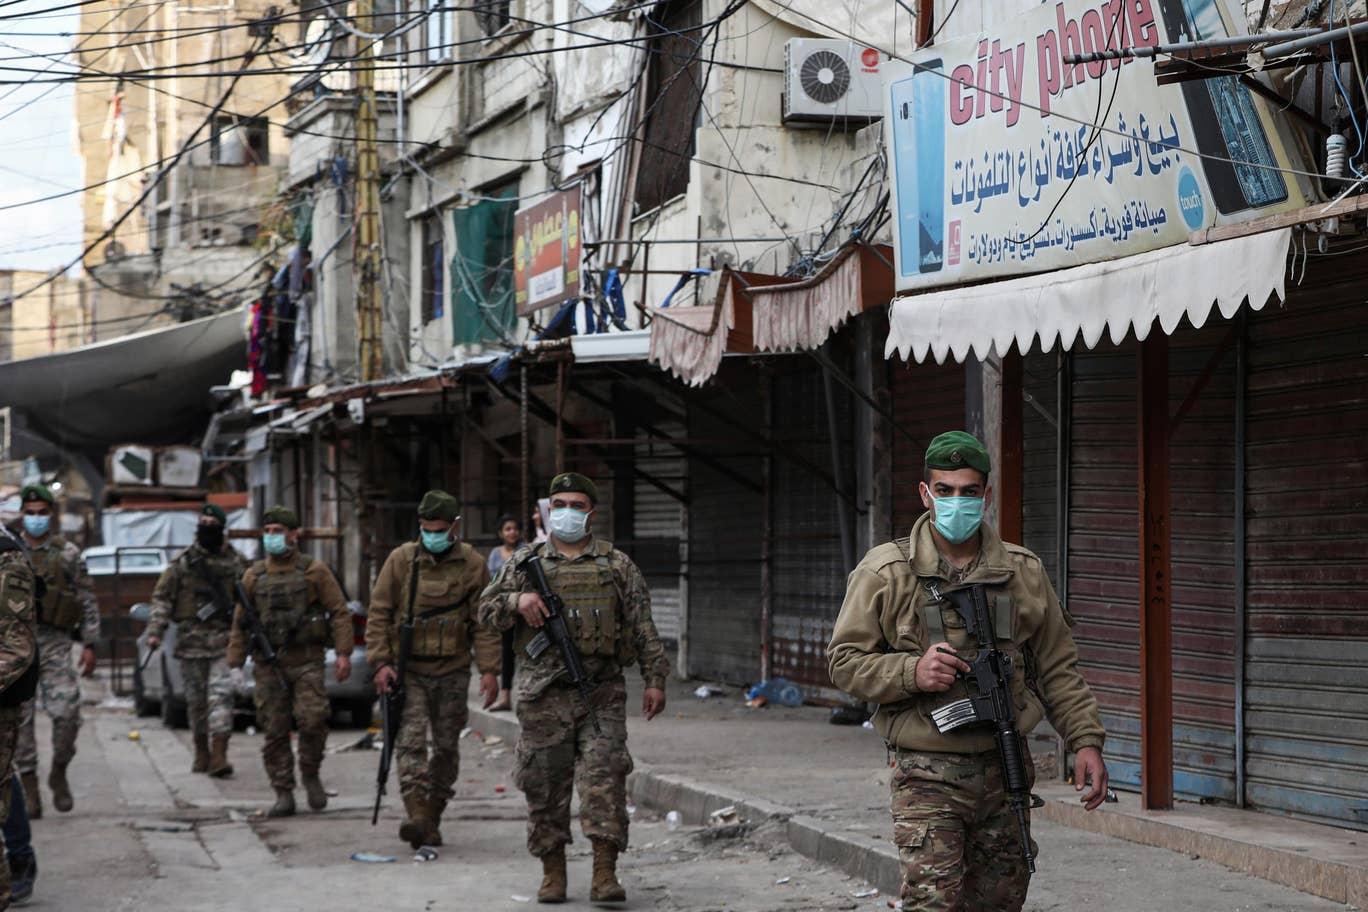 """قوة من الجيش اللبناني خلال جولة أمنية في """"مخيم صبرا"""" للاجئين الفلسطينيين جنوب بيروت (أ.ف.ب وغيتي)"""